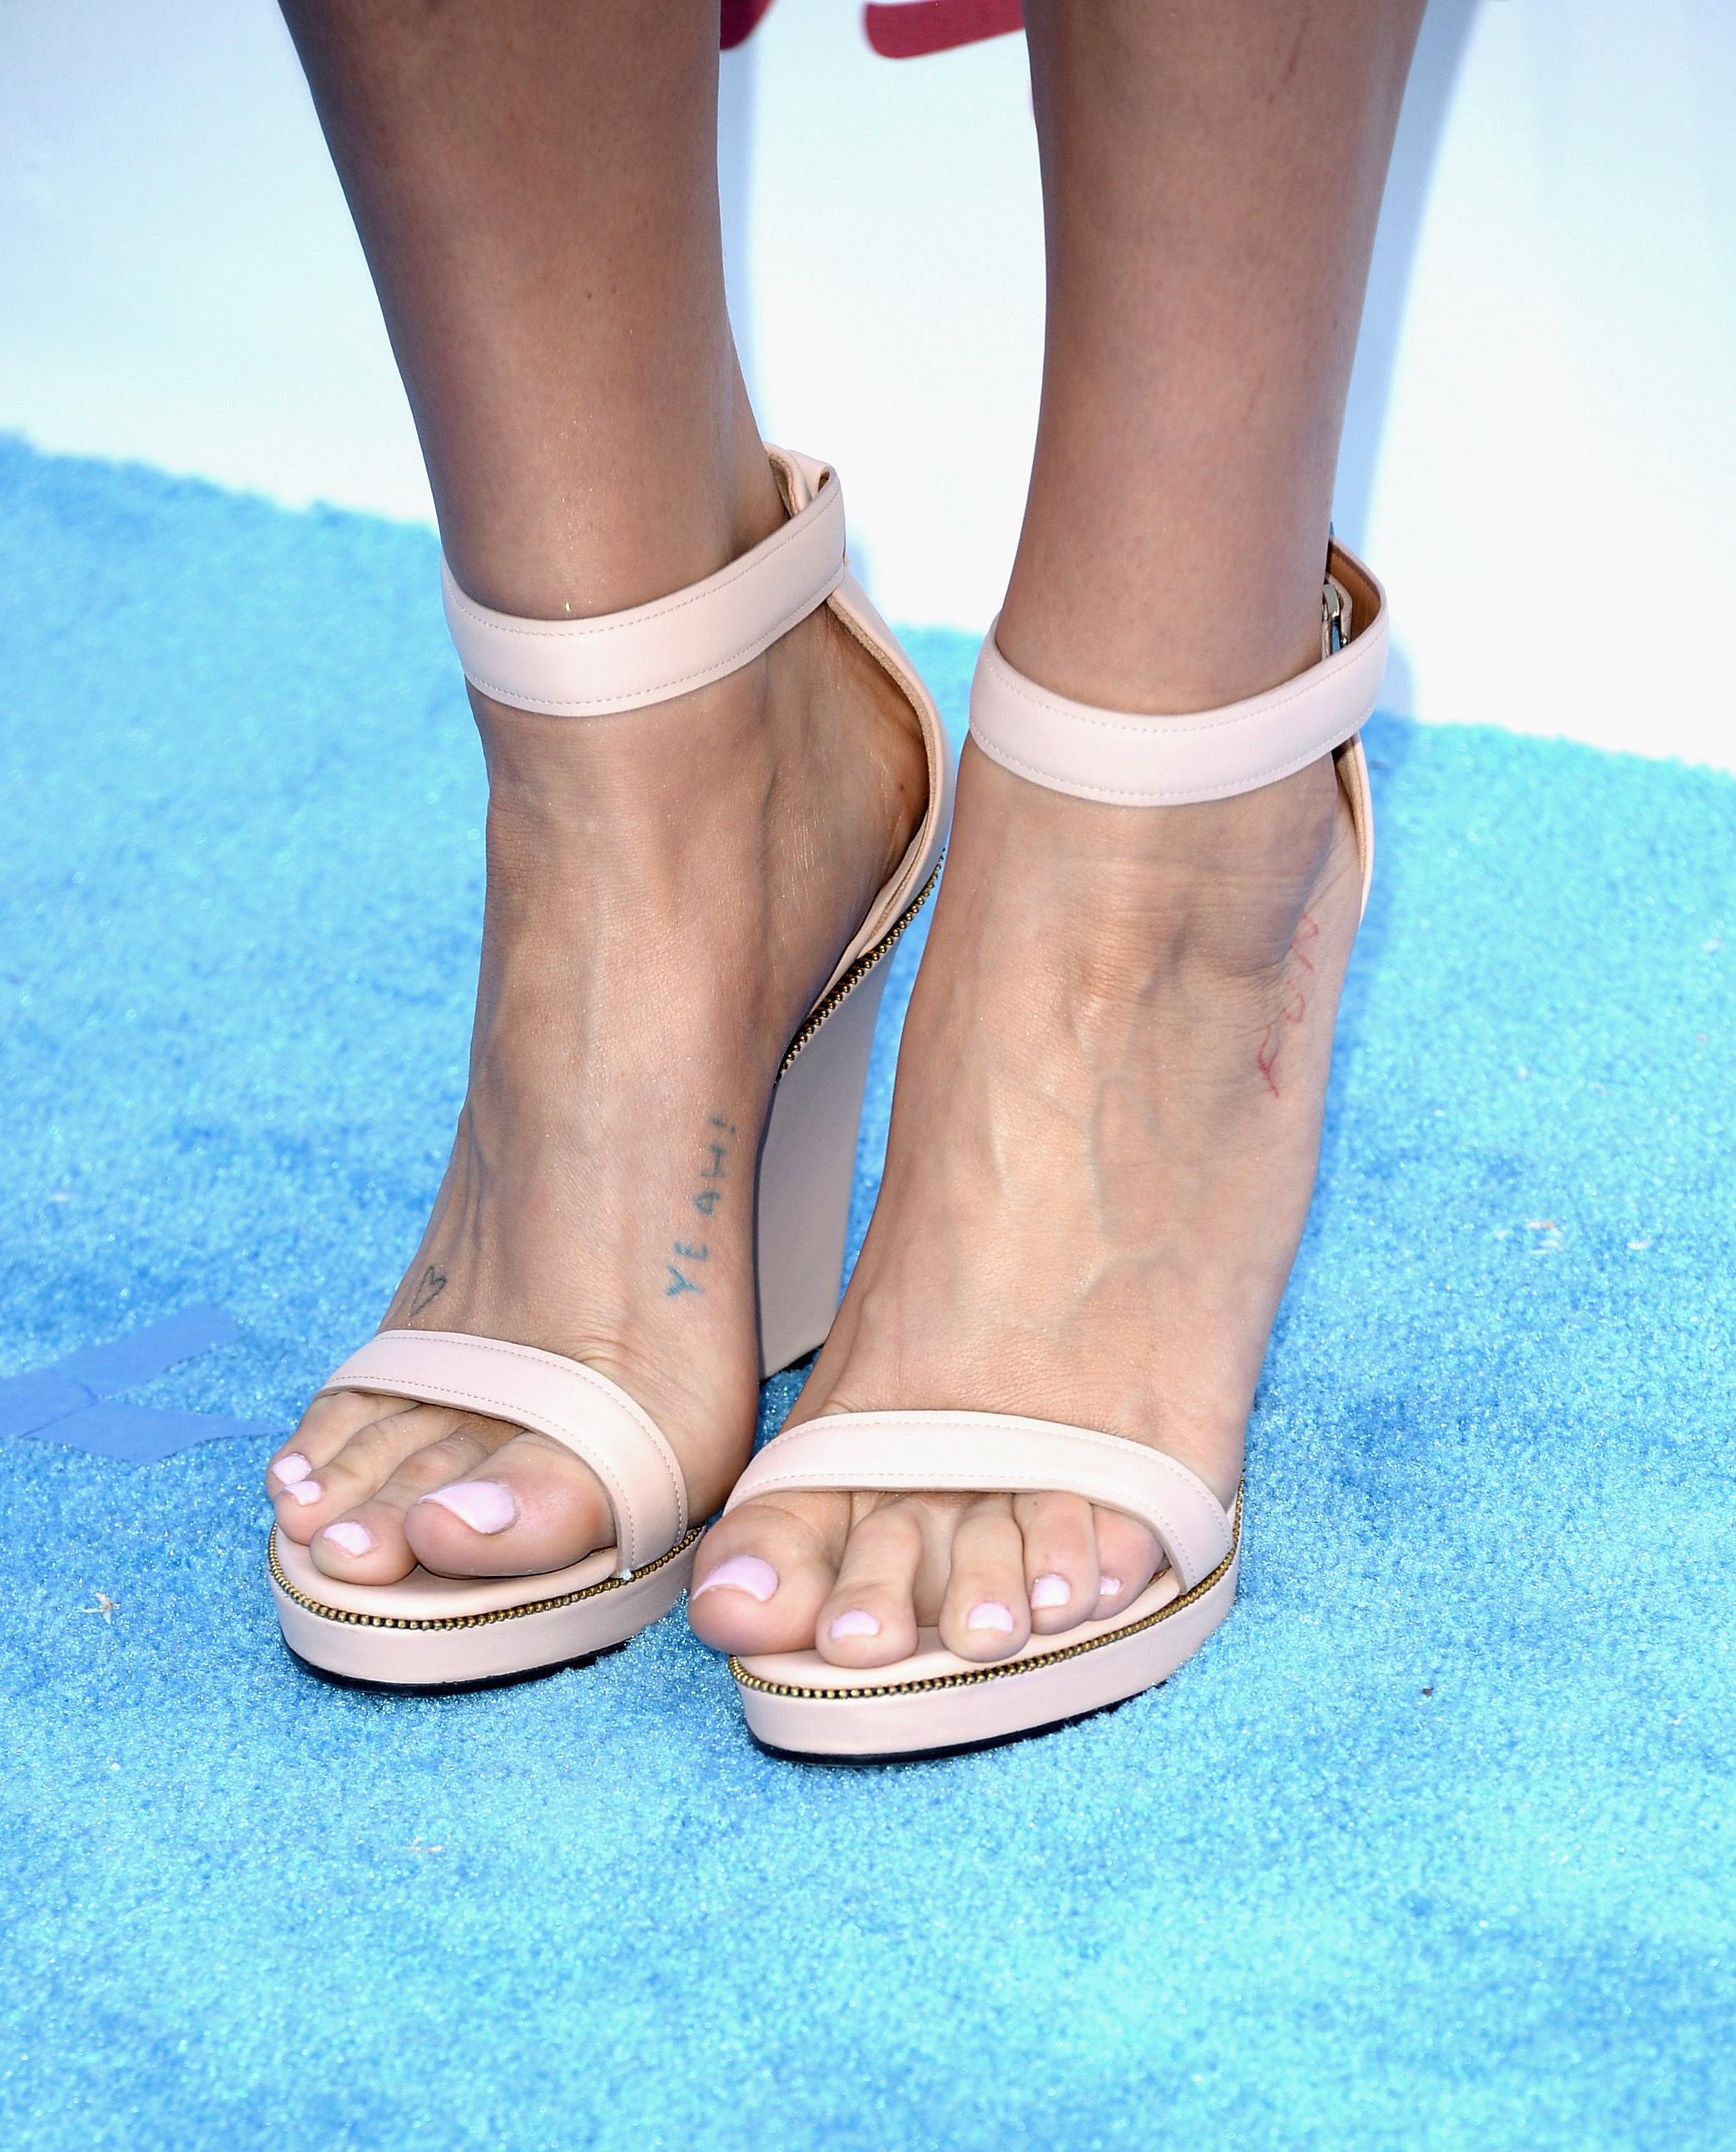 Kesha's Feet